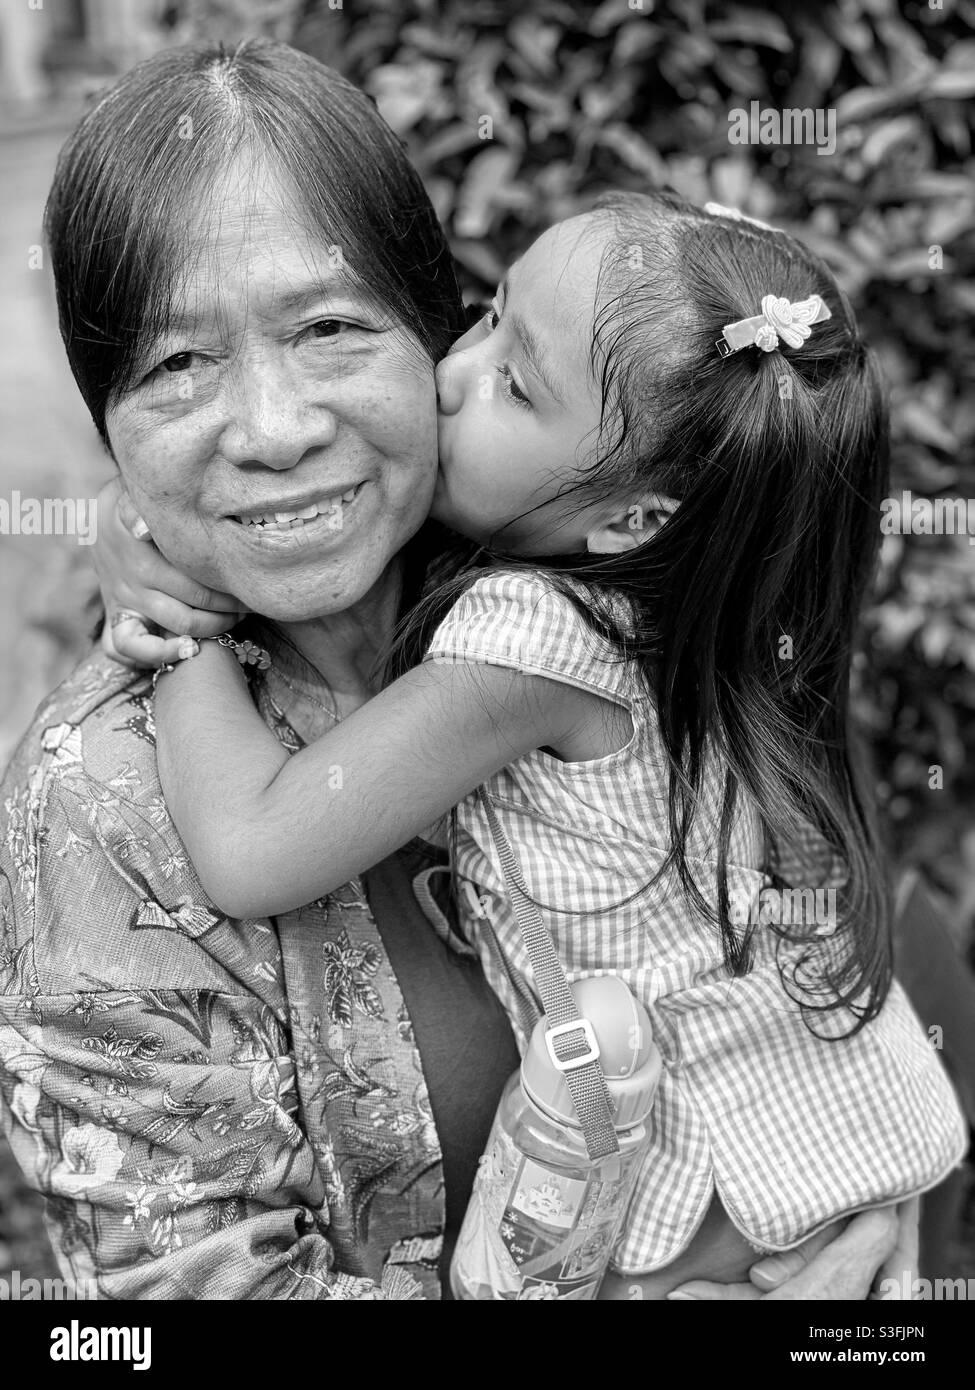 Liebe - ein einfacher Kuss erhellt das Leben eines Menschen Stockfoto